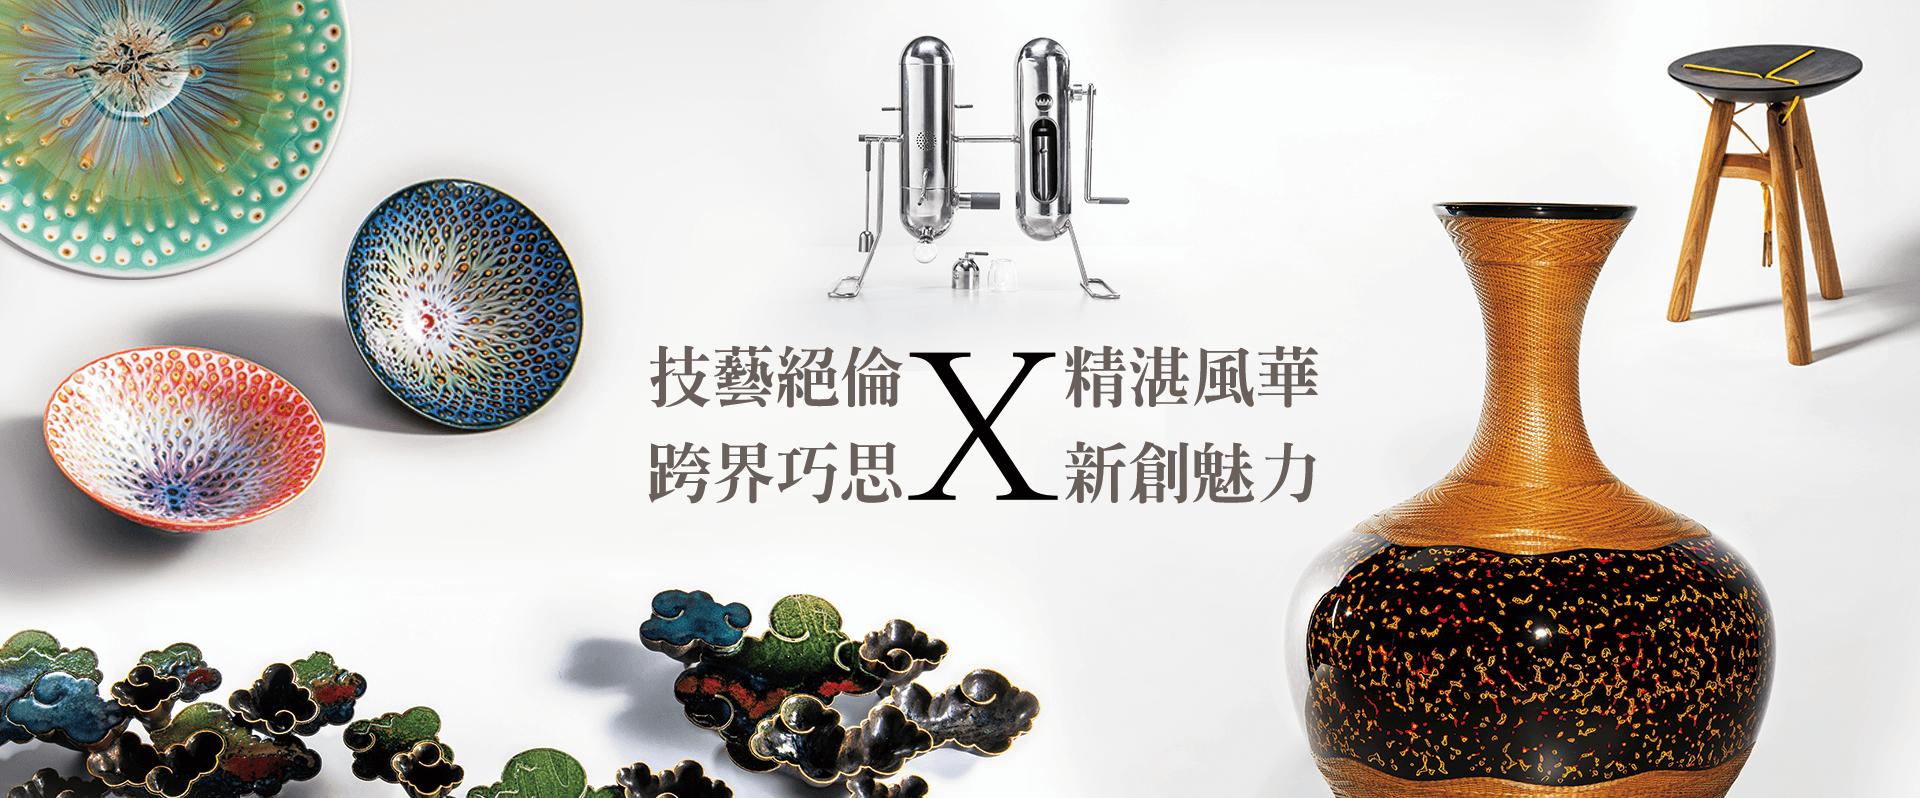 【2018工藝之夢】工藝設計盛典。台灣傳統工藝、前衛設計的跨世代組合